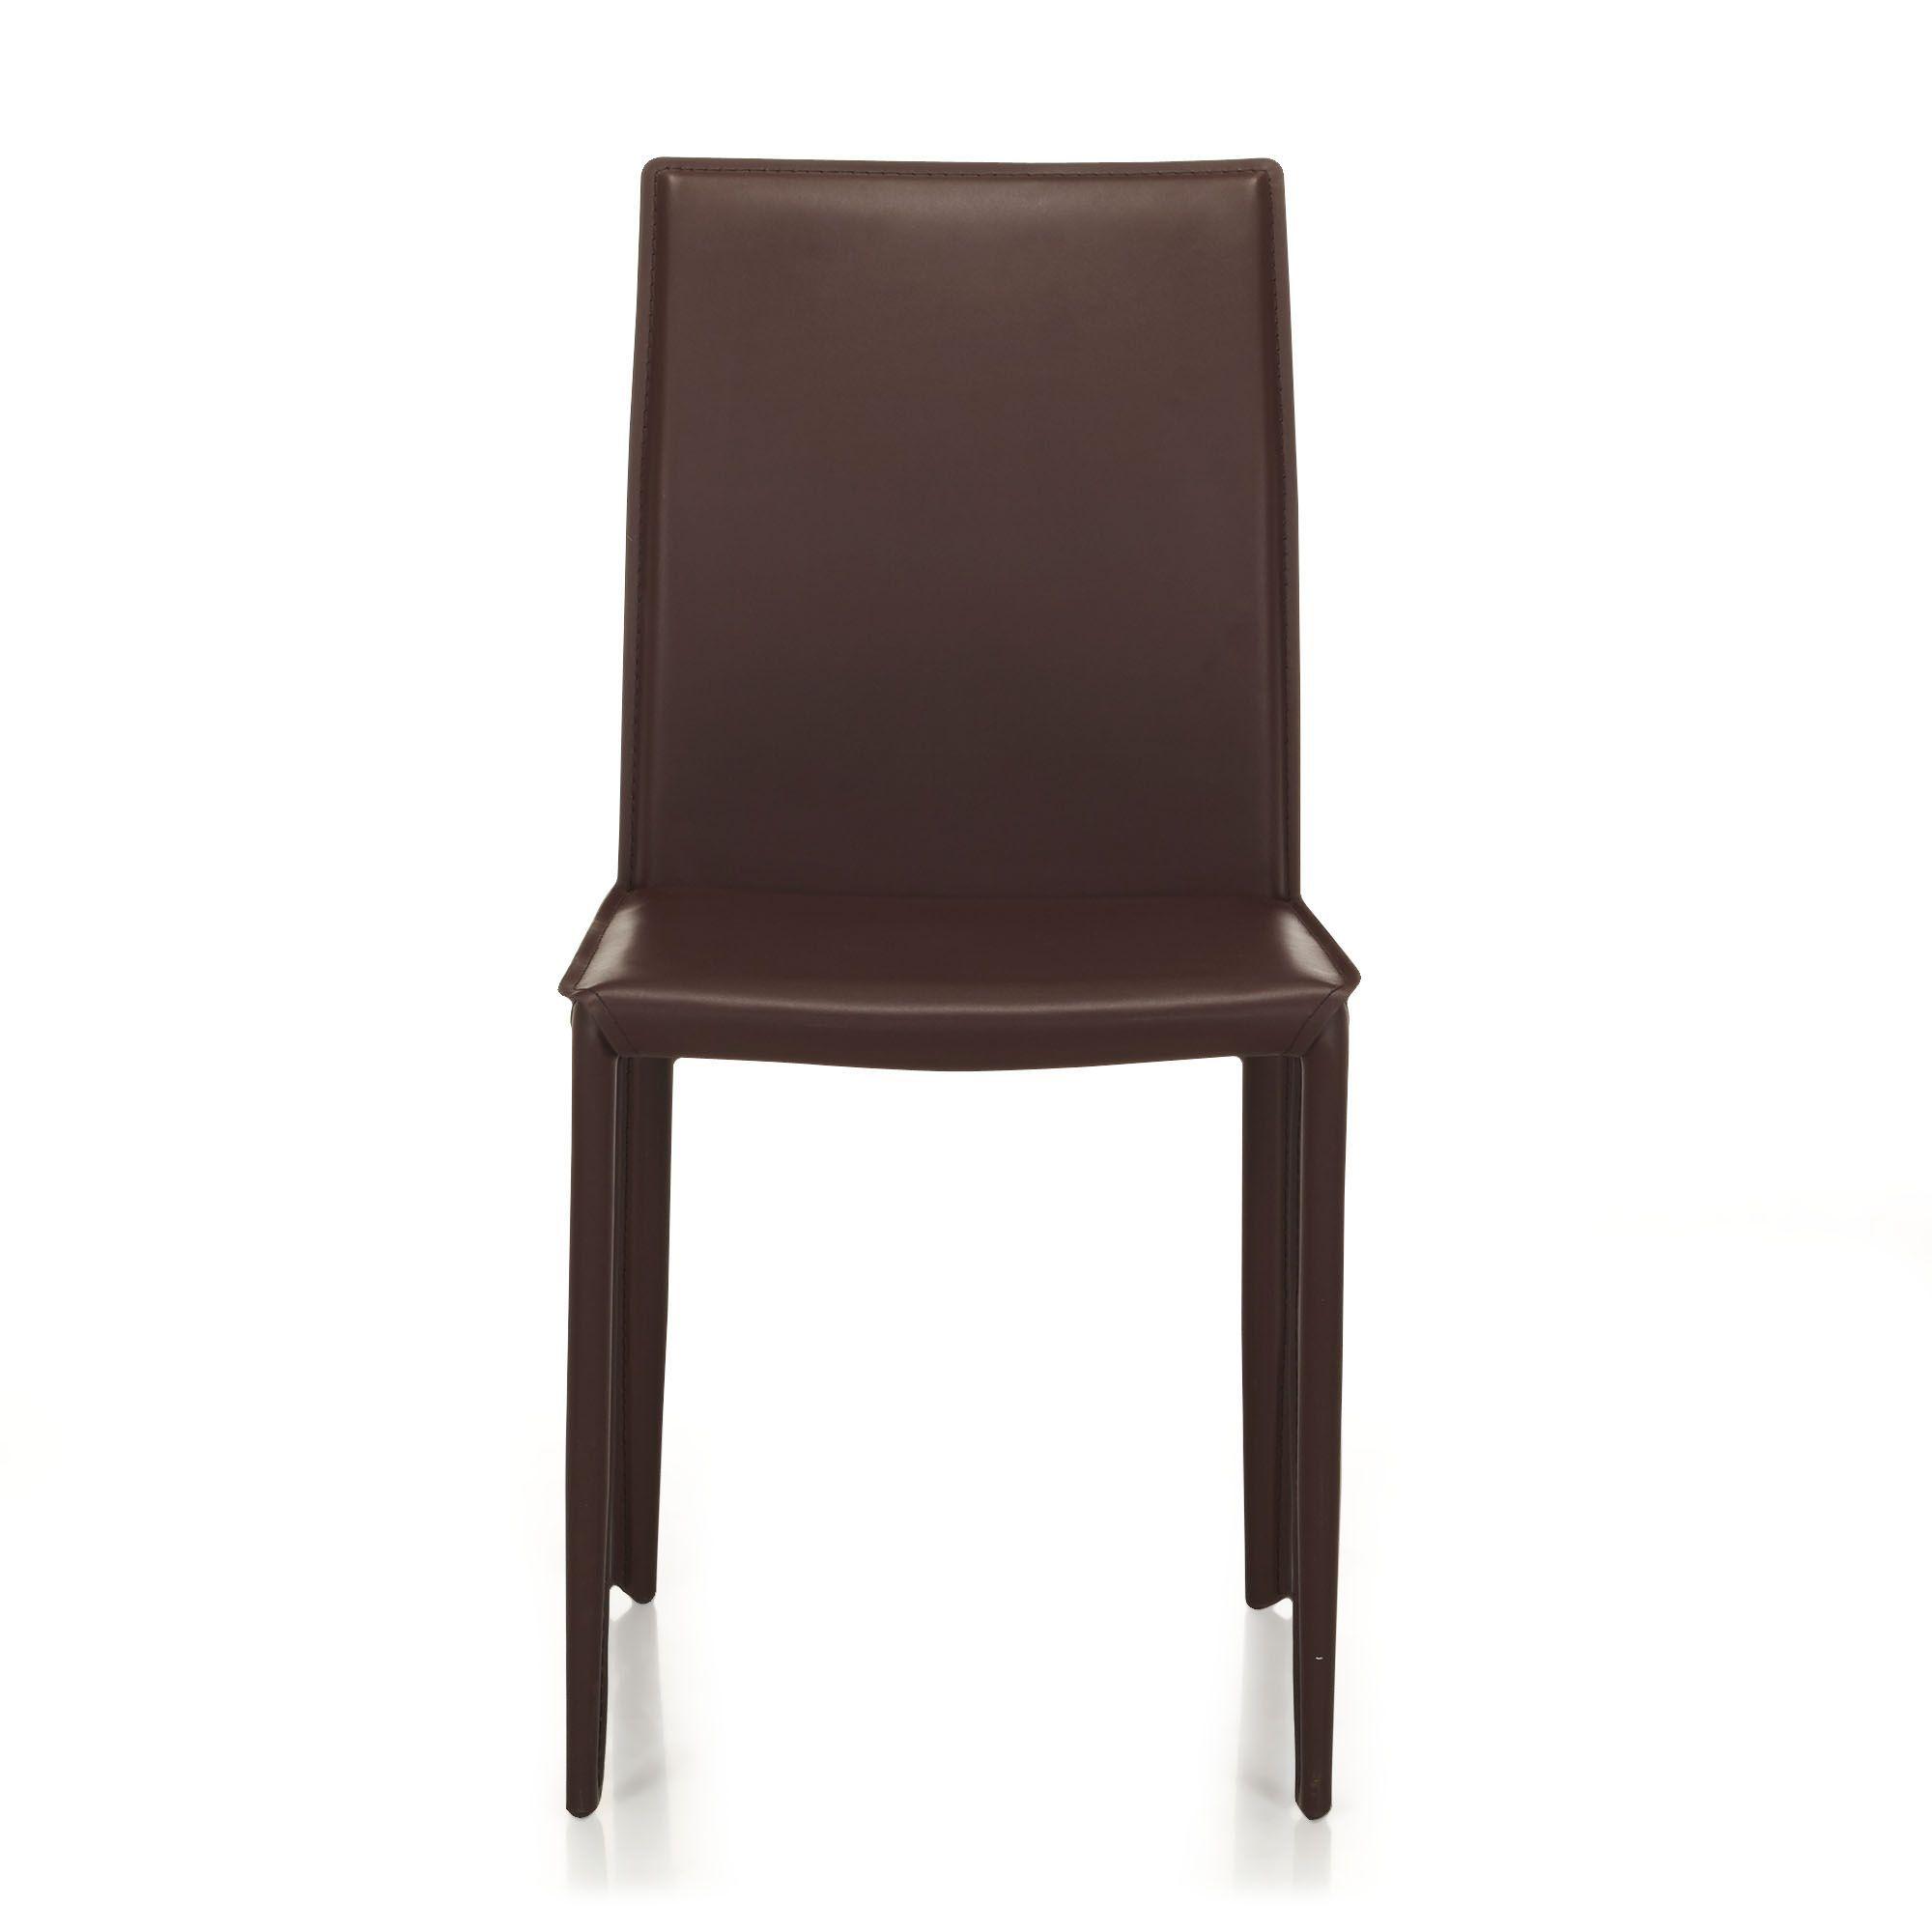 chaise en crote de cuir marron marron andrew chaises tables et chaises - Chaise A Manger